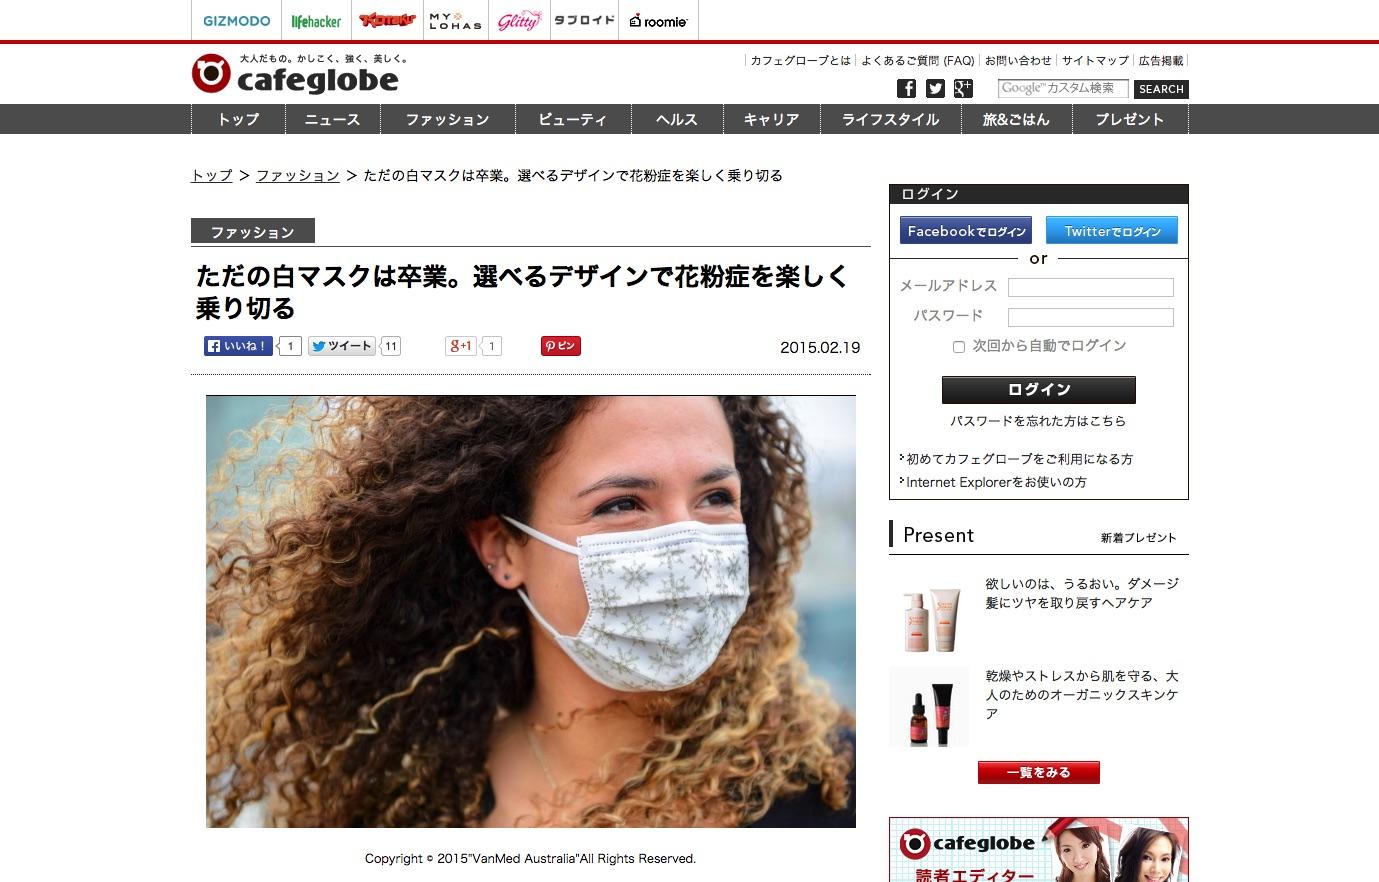 ただの白マスクは卒業。選べるデザインで花粉症を楽しく乗り切る   キャリア女性に役立つサイト|cafeglobe